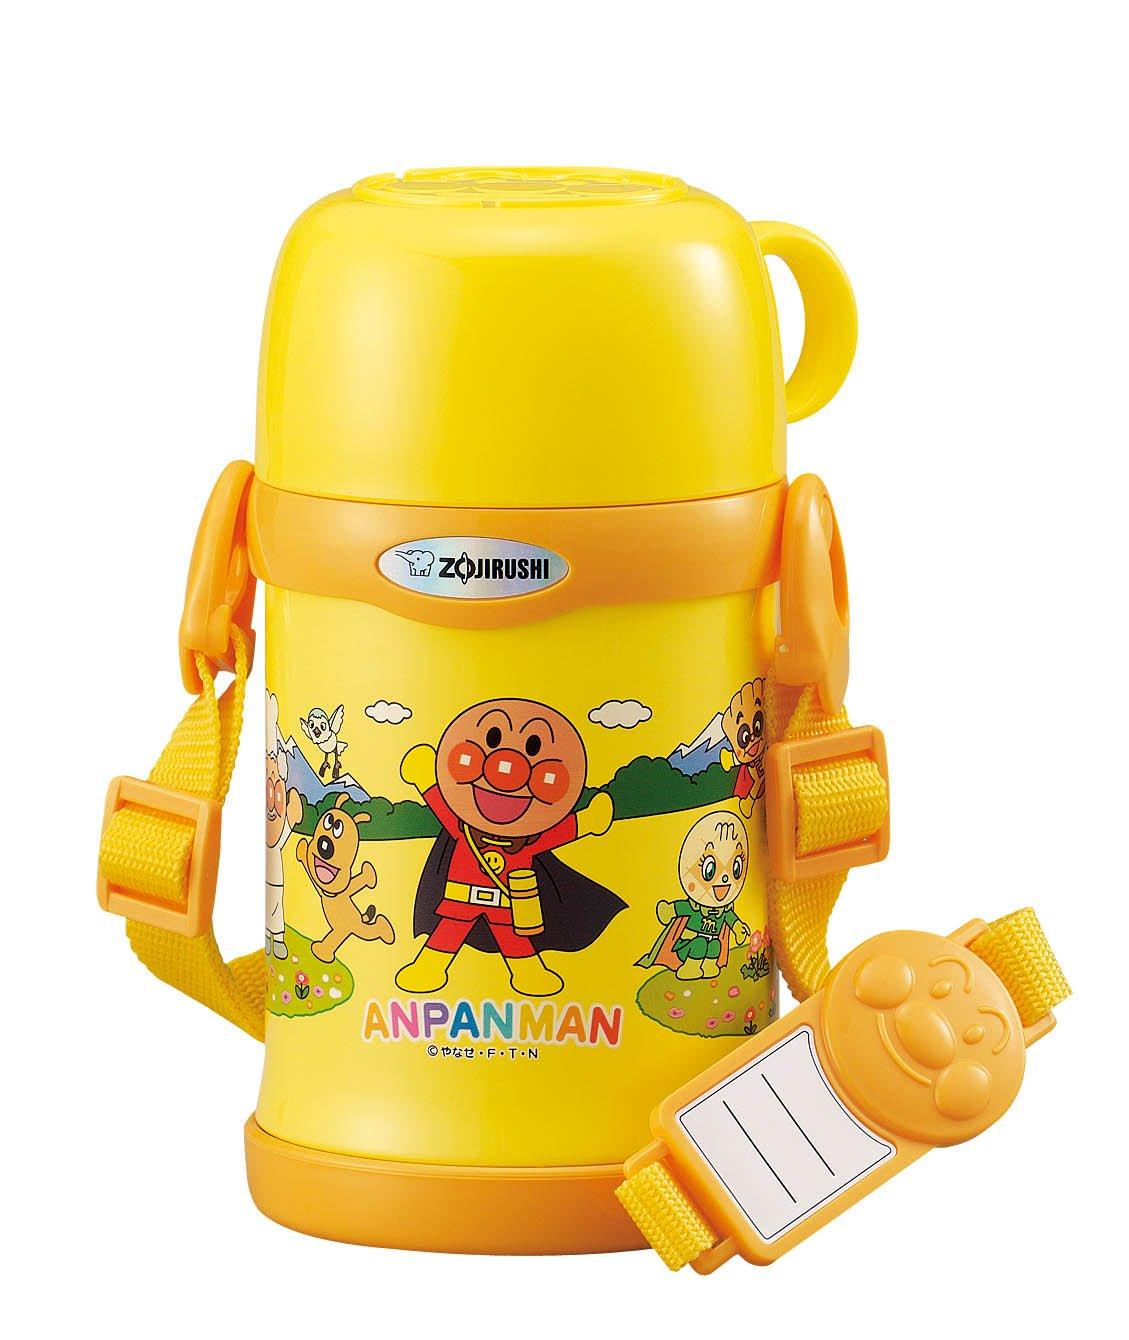 アンパンマンの水筒でごきげんに!おすすめ商品と選び方のコツとは?